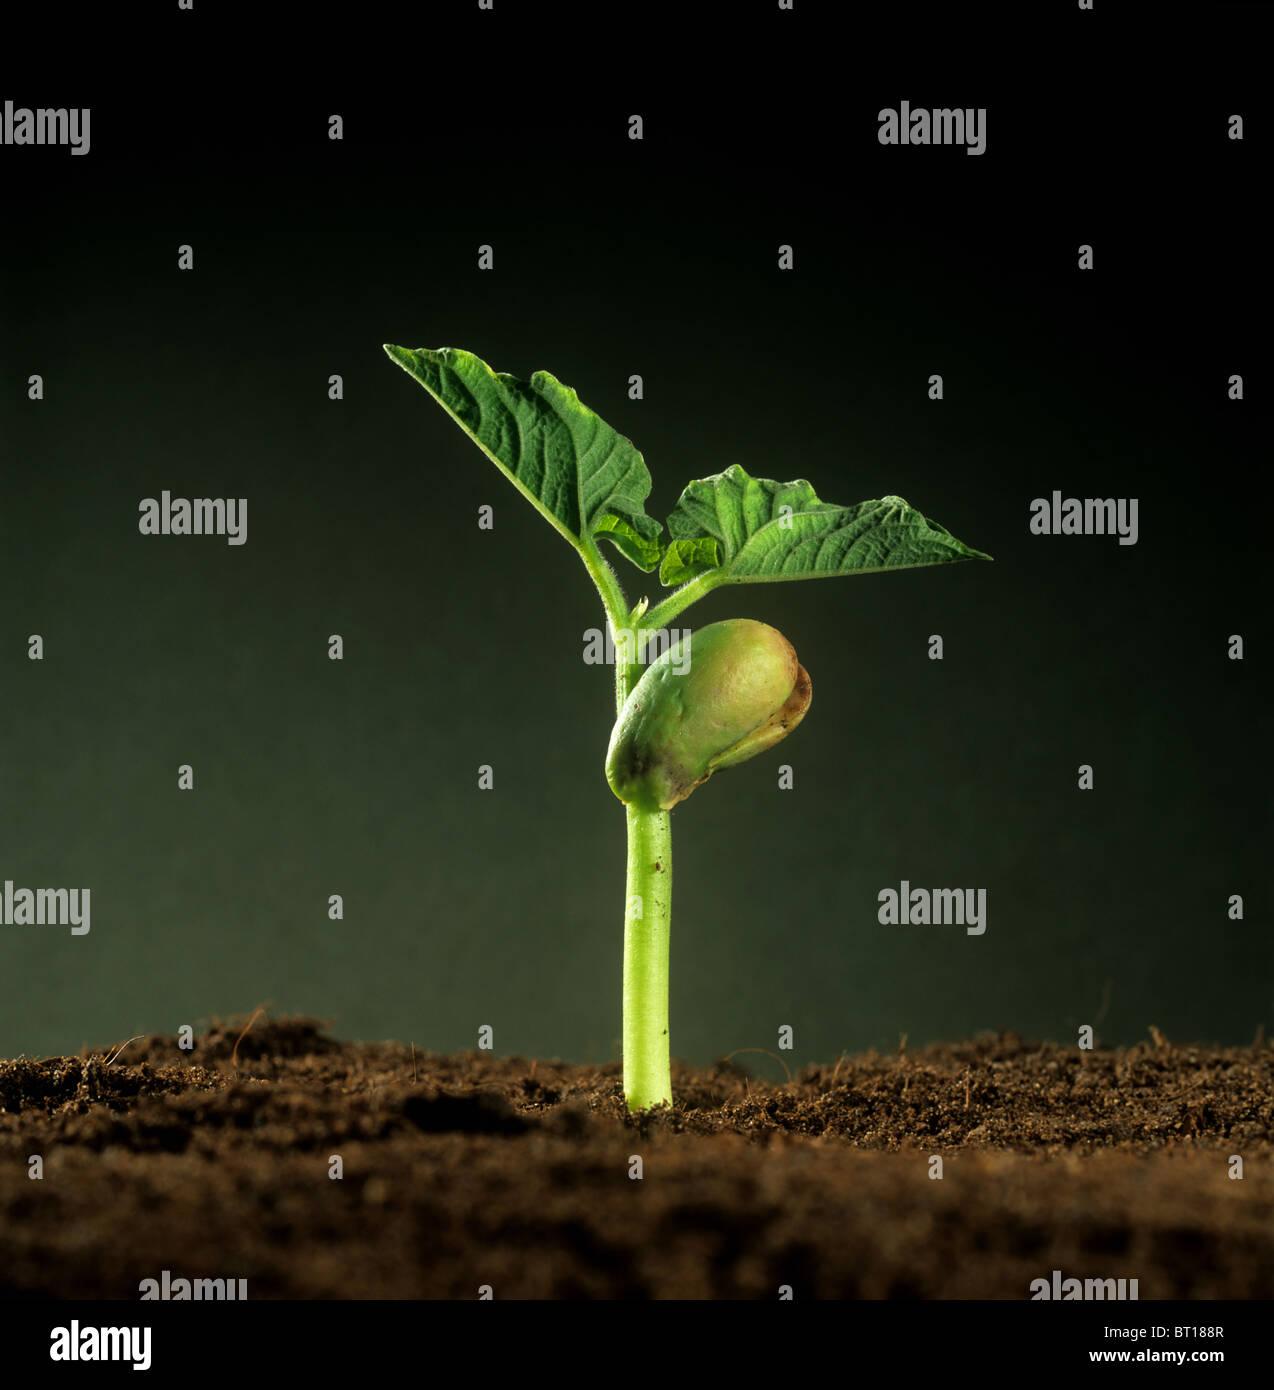 Grüne Bohne (Phaseolus Vulgaris) Sämling mit Samenlappen Essen Reserve und ersten Laubblätter Stockbild